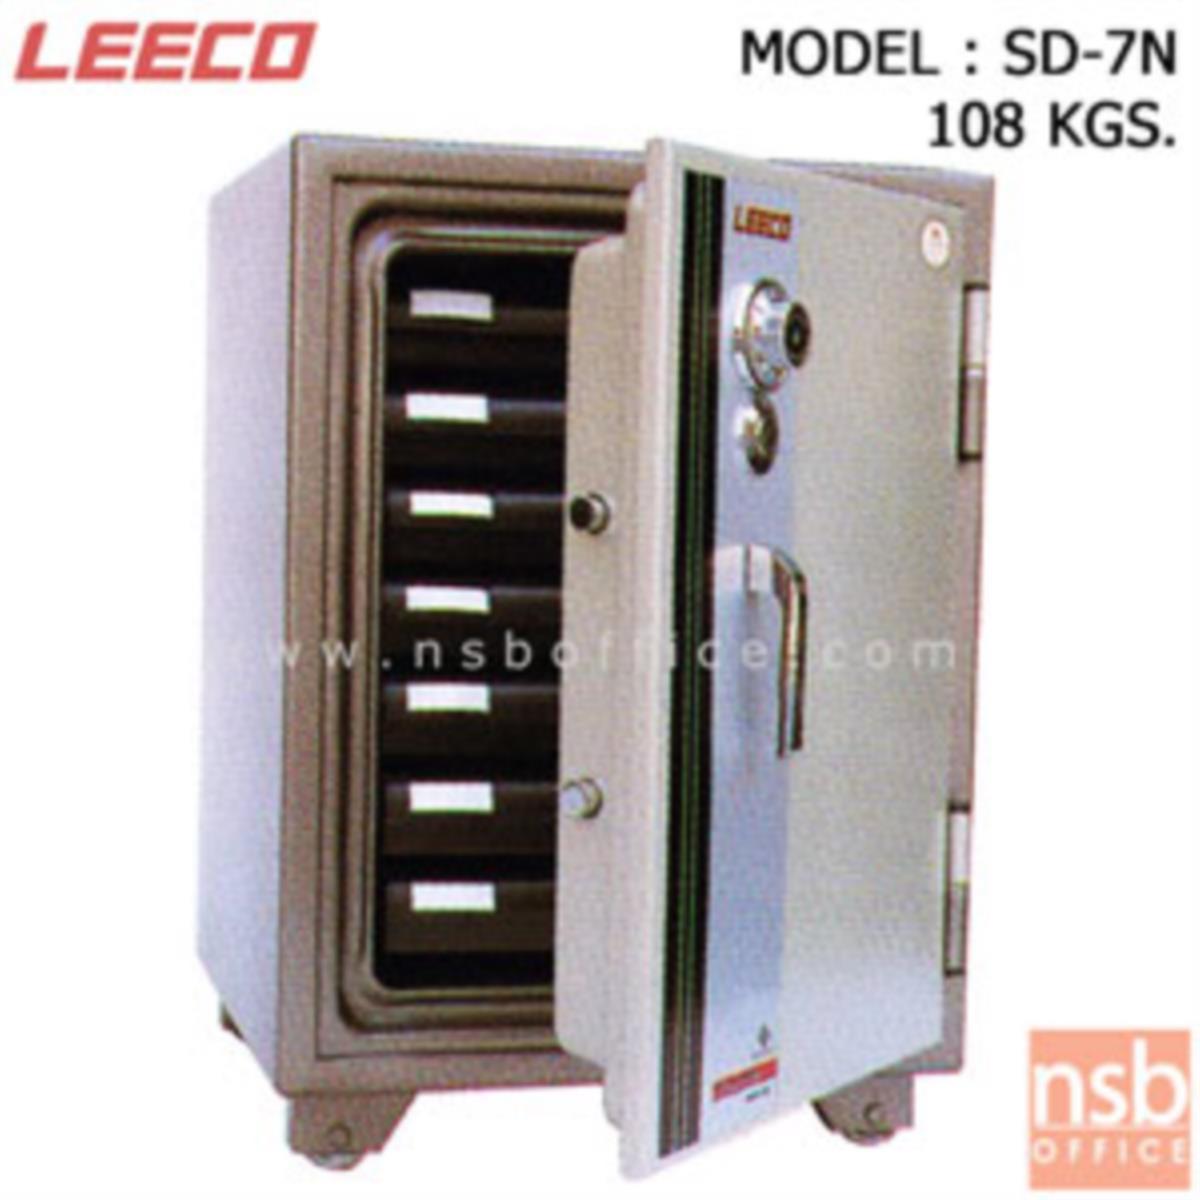 F02A051:ตู้เซฟนิรภัย 108 กก.(แนวตั้ง) ลีโก้ รุ่น SD-7N มี 1 กุญแจ 1 รหัส มือจับบิด (มีถาดพลาสติก 7 ลิ้นชัก)